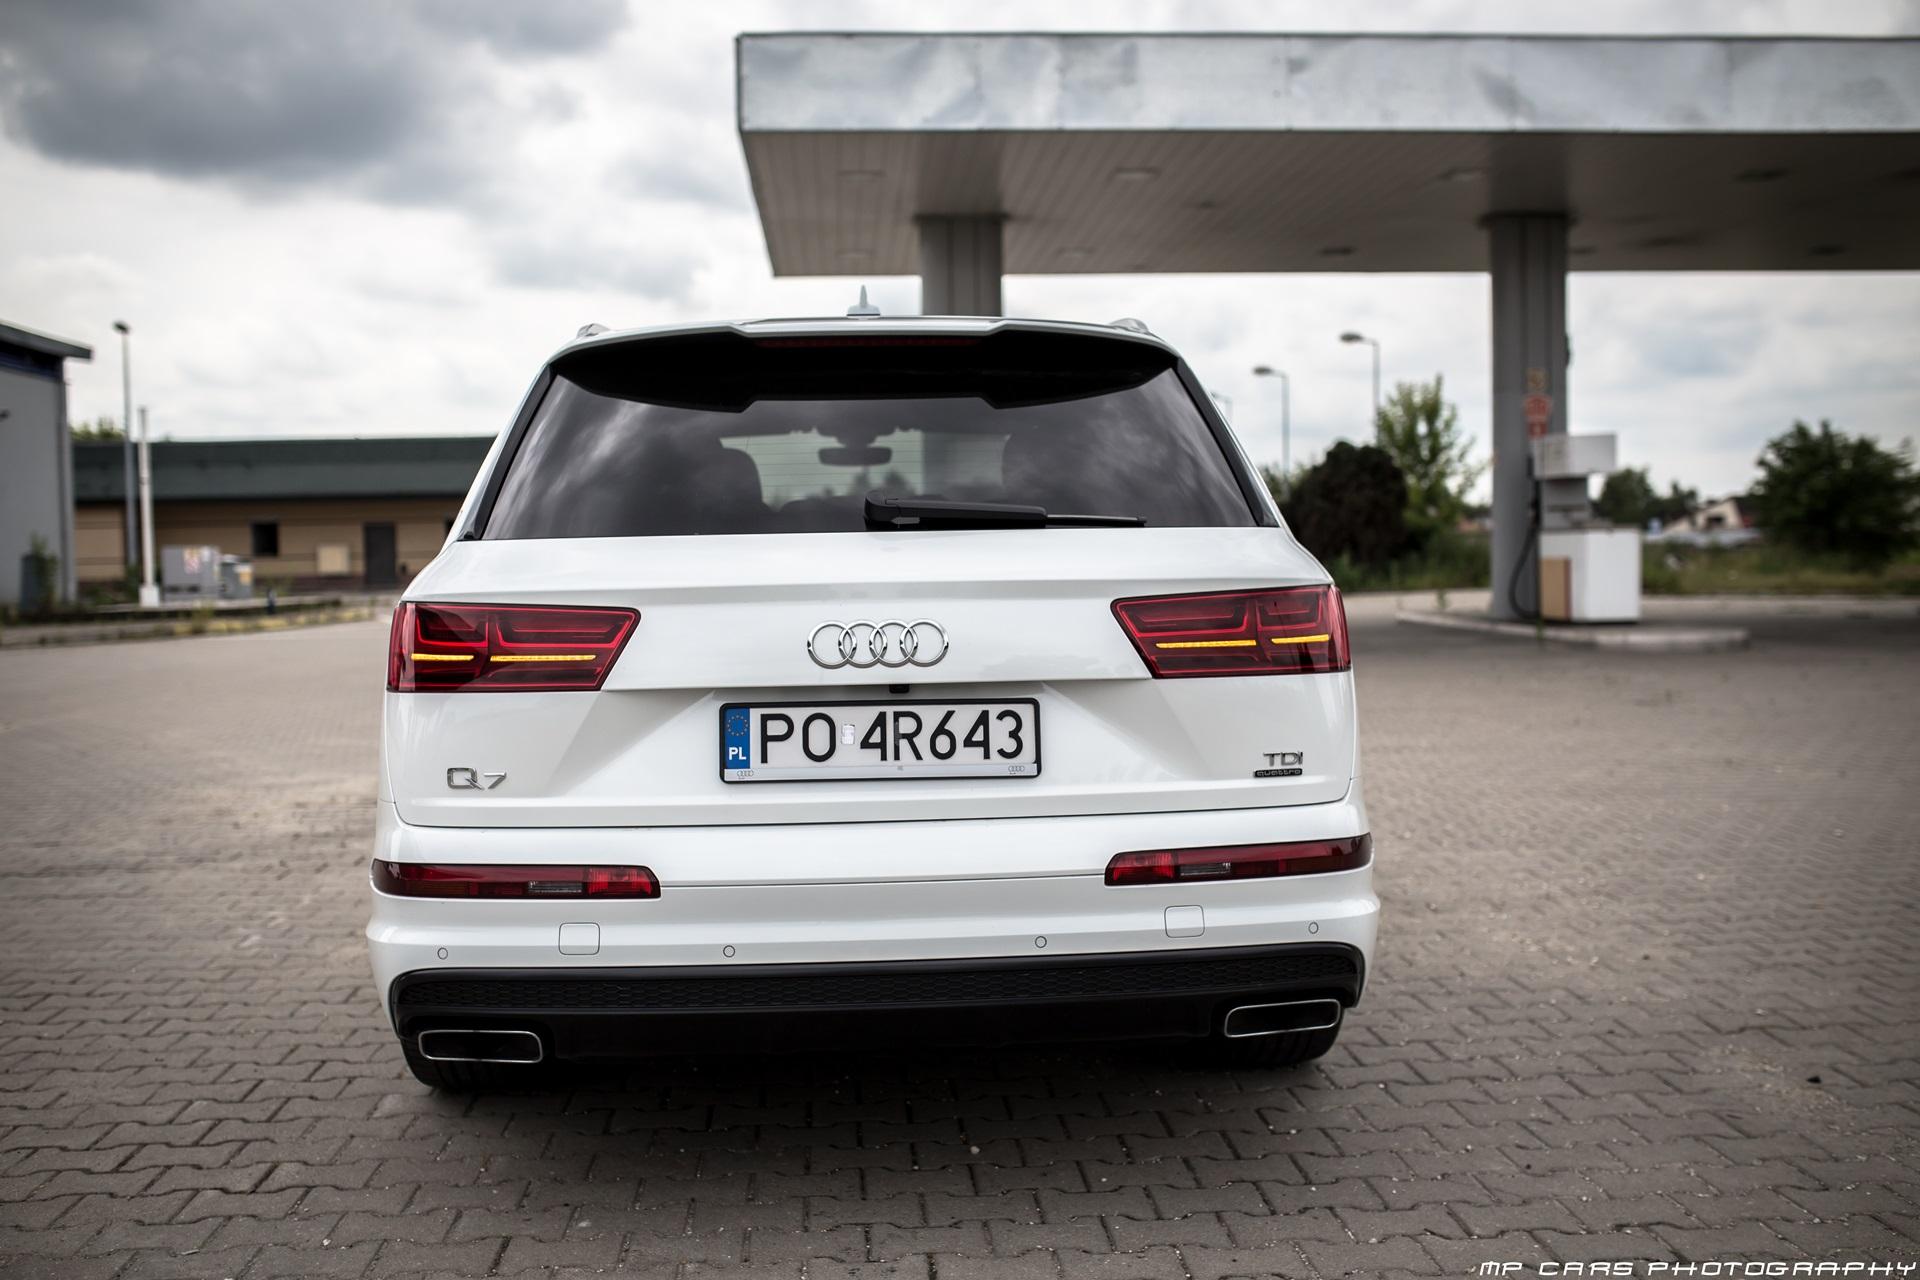 Крышка багажника на новом Audi Q7